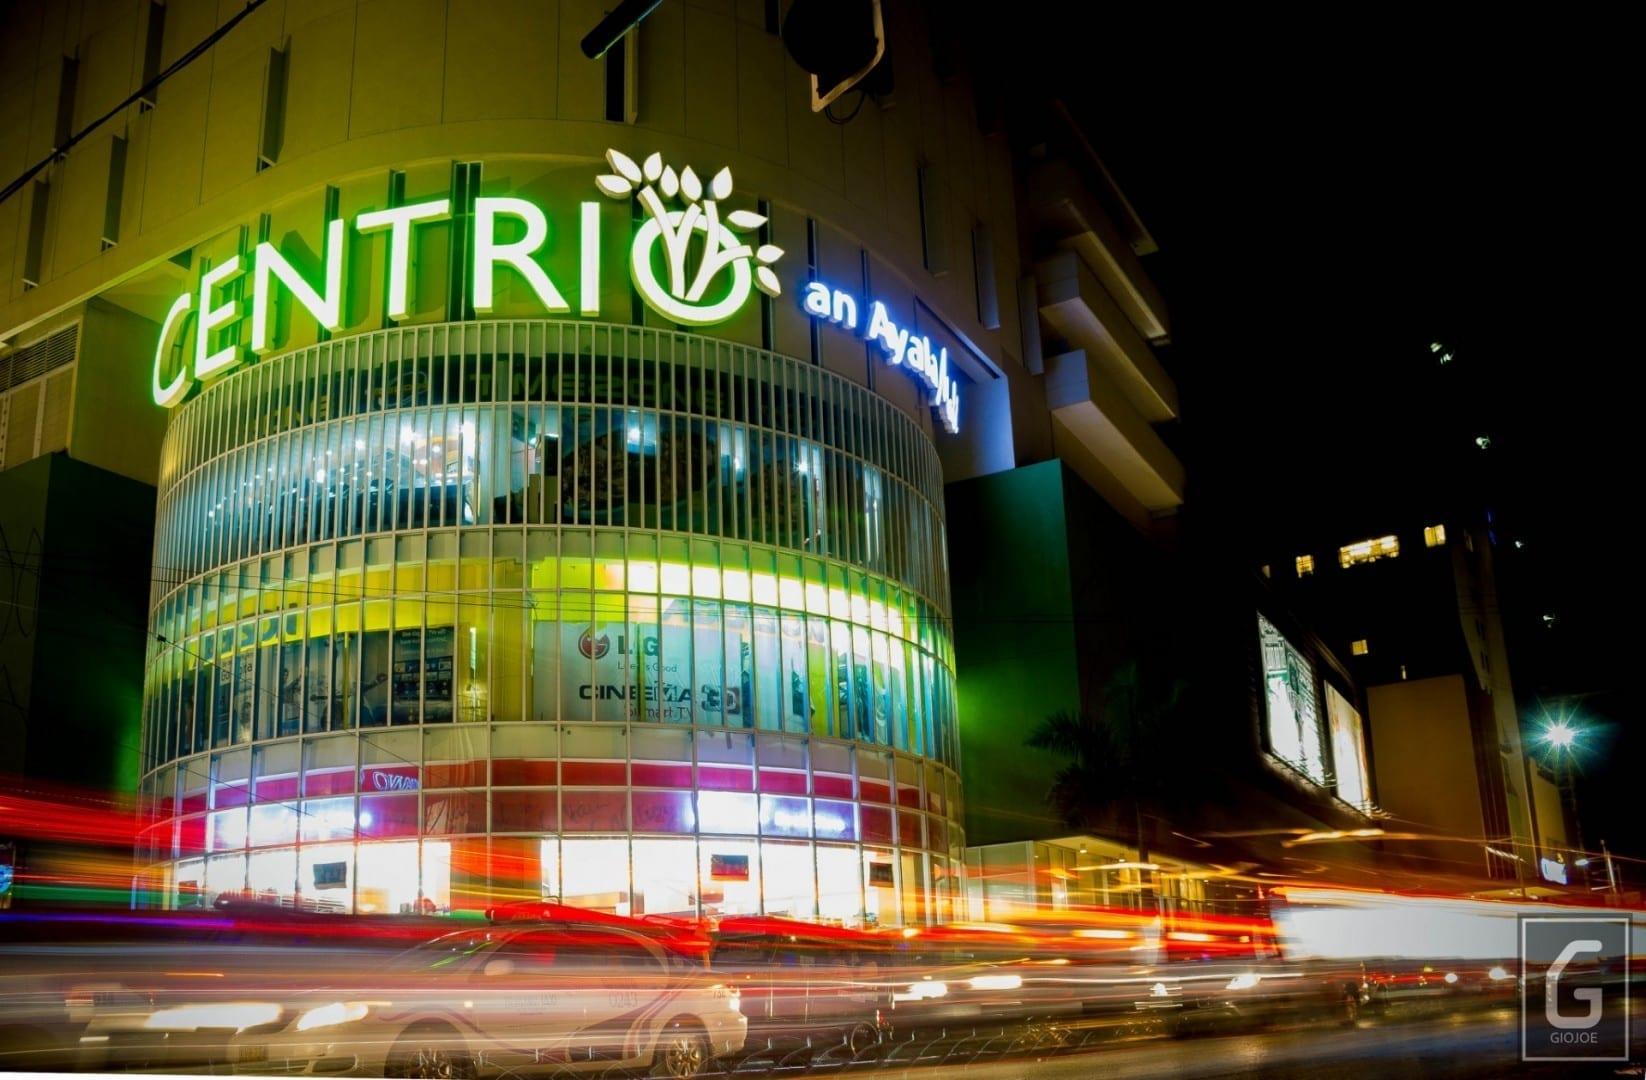 Centro Comercial Centrio Cagayan de oro Filipinas